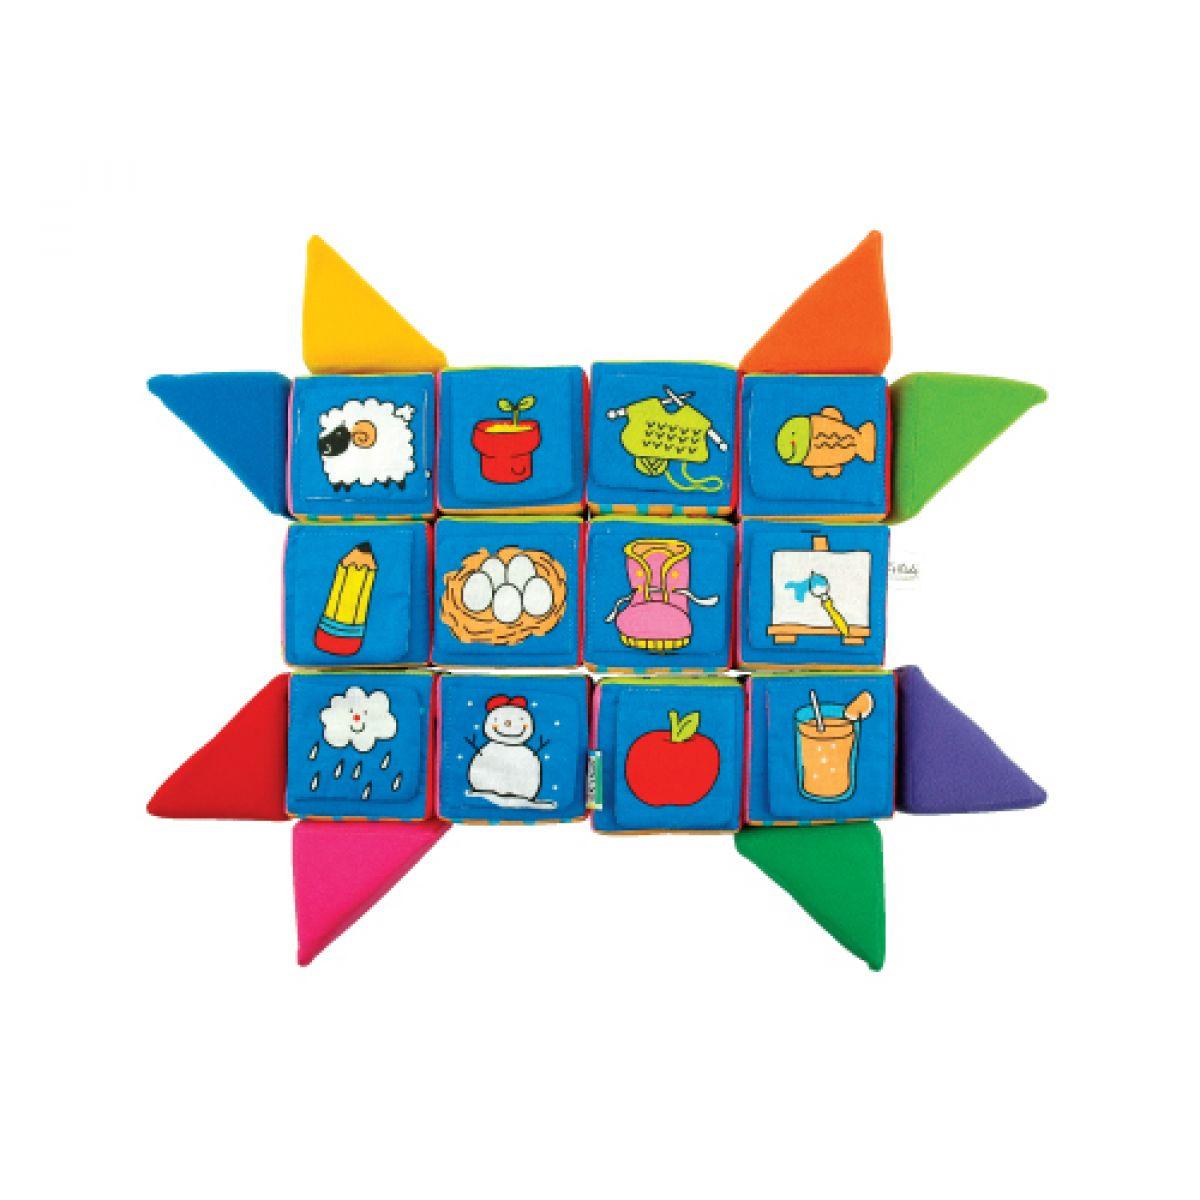 K's Kids Sada veselých látkových kostek a trojúhelníků #7